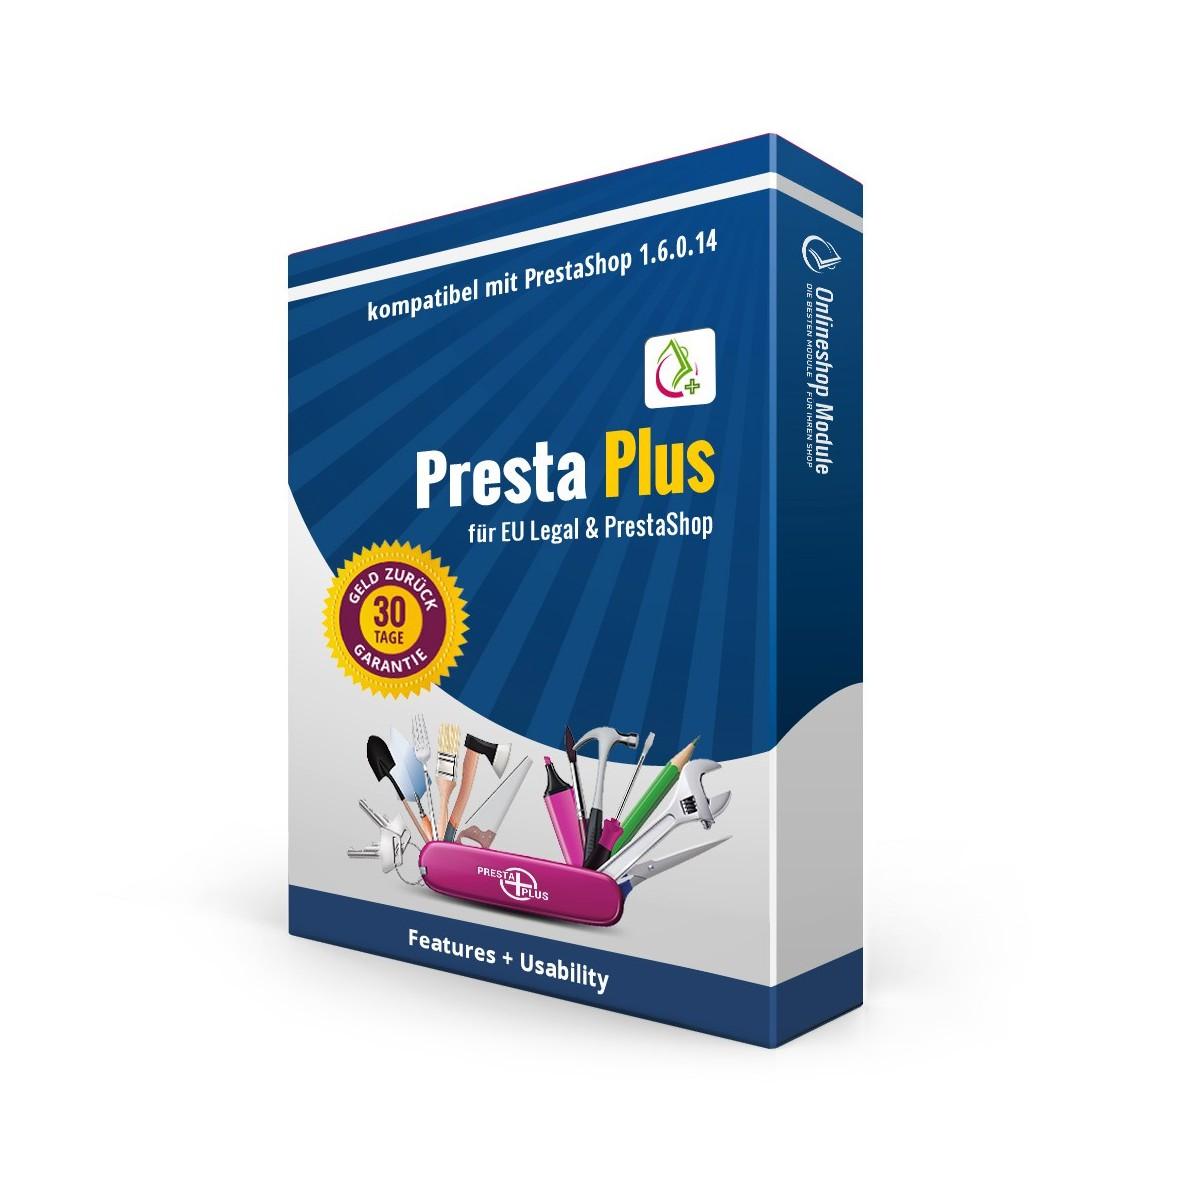 Presta Plus für PrestaShop 1.6.0.14